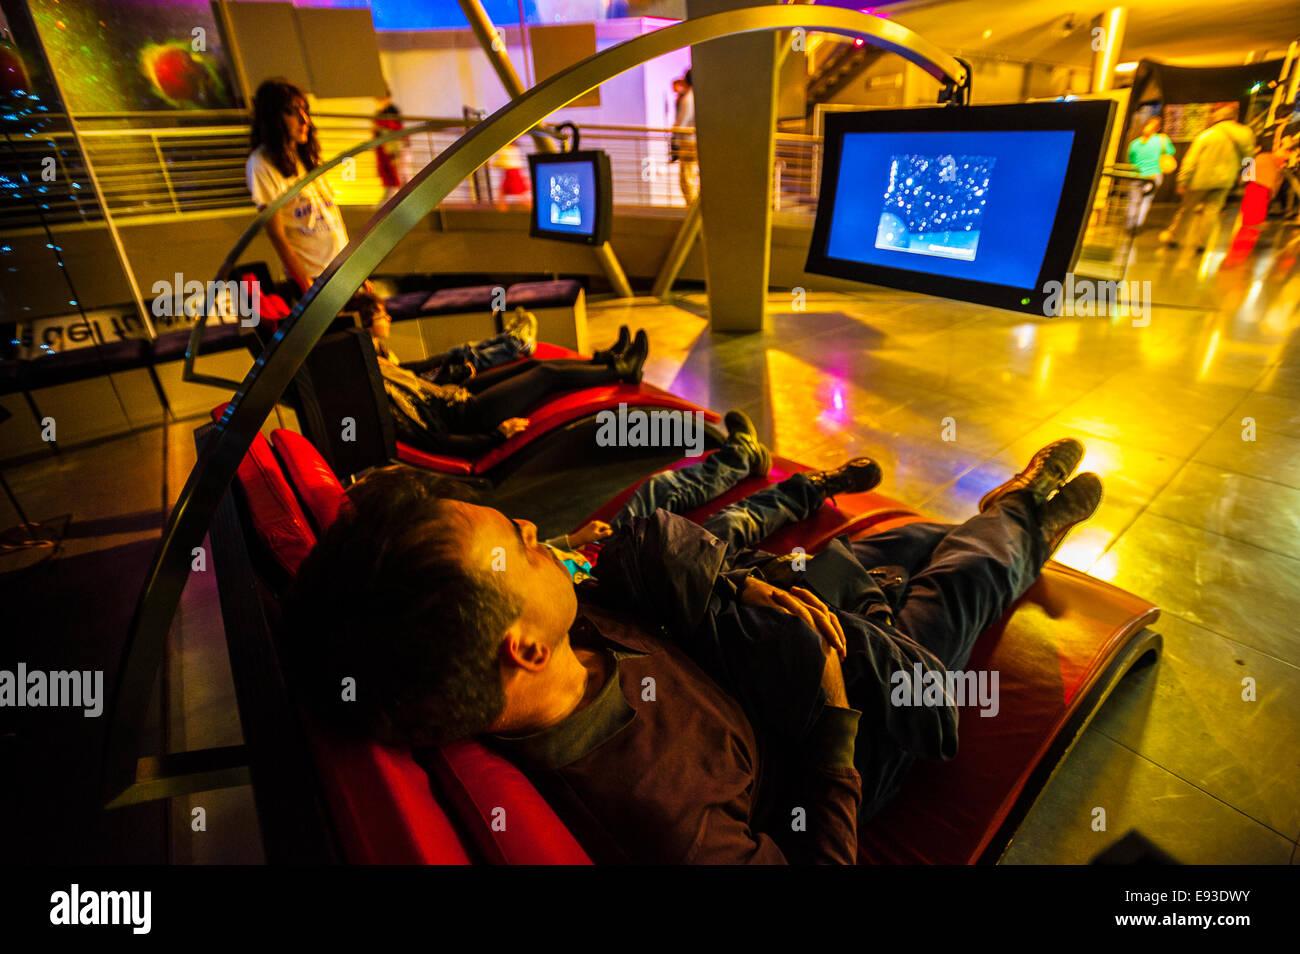 Italia Turín Piamonte Pino Torinese Inauguración de la nueva zona de museos del Museo de Turín planetario astronomía y espacio INFINI.Al 17 de octubre de 2014 - Mediateca Foto de stock